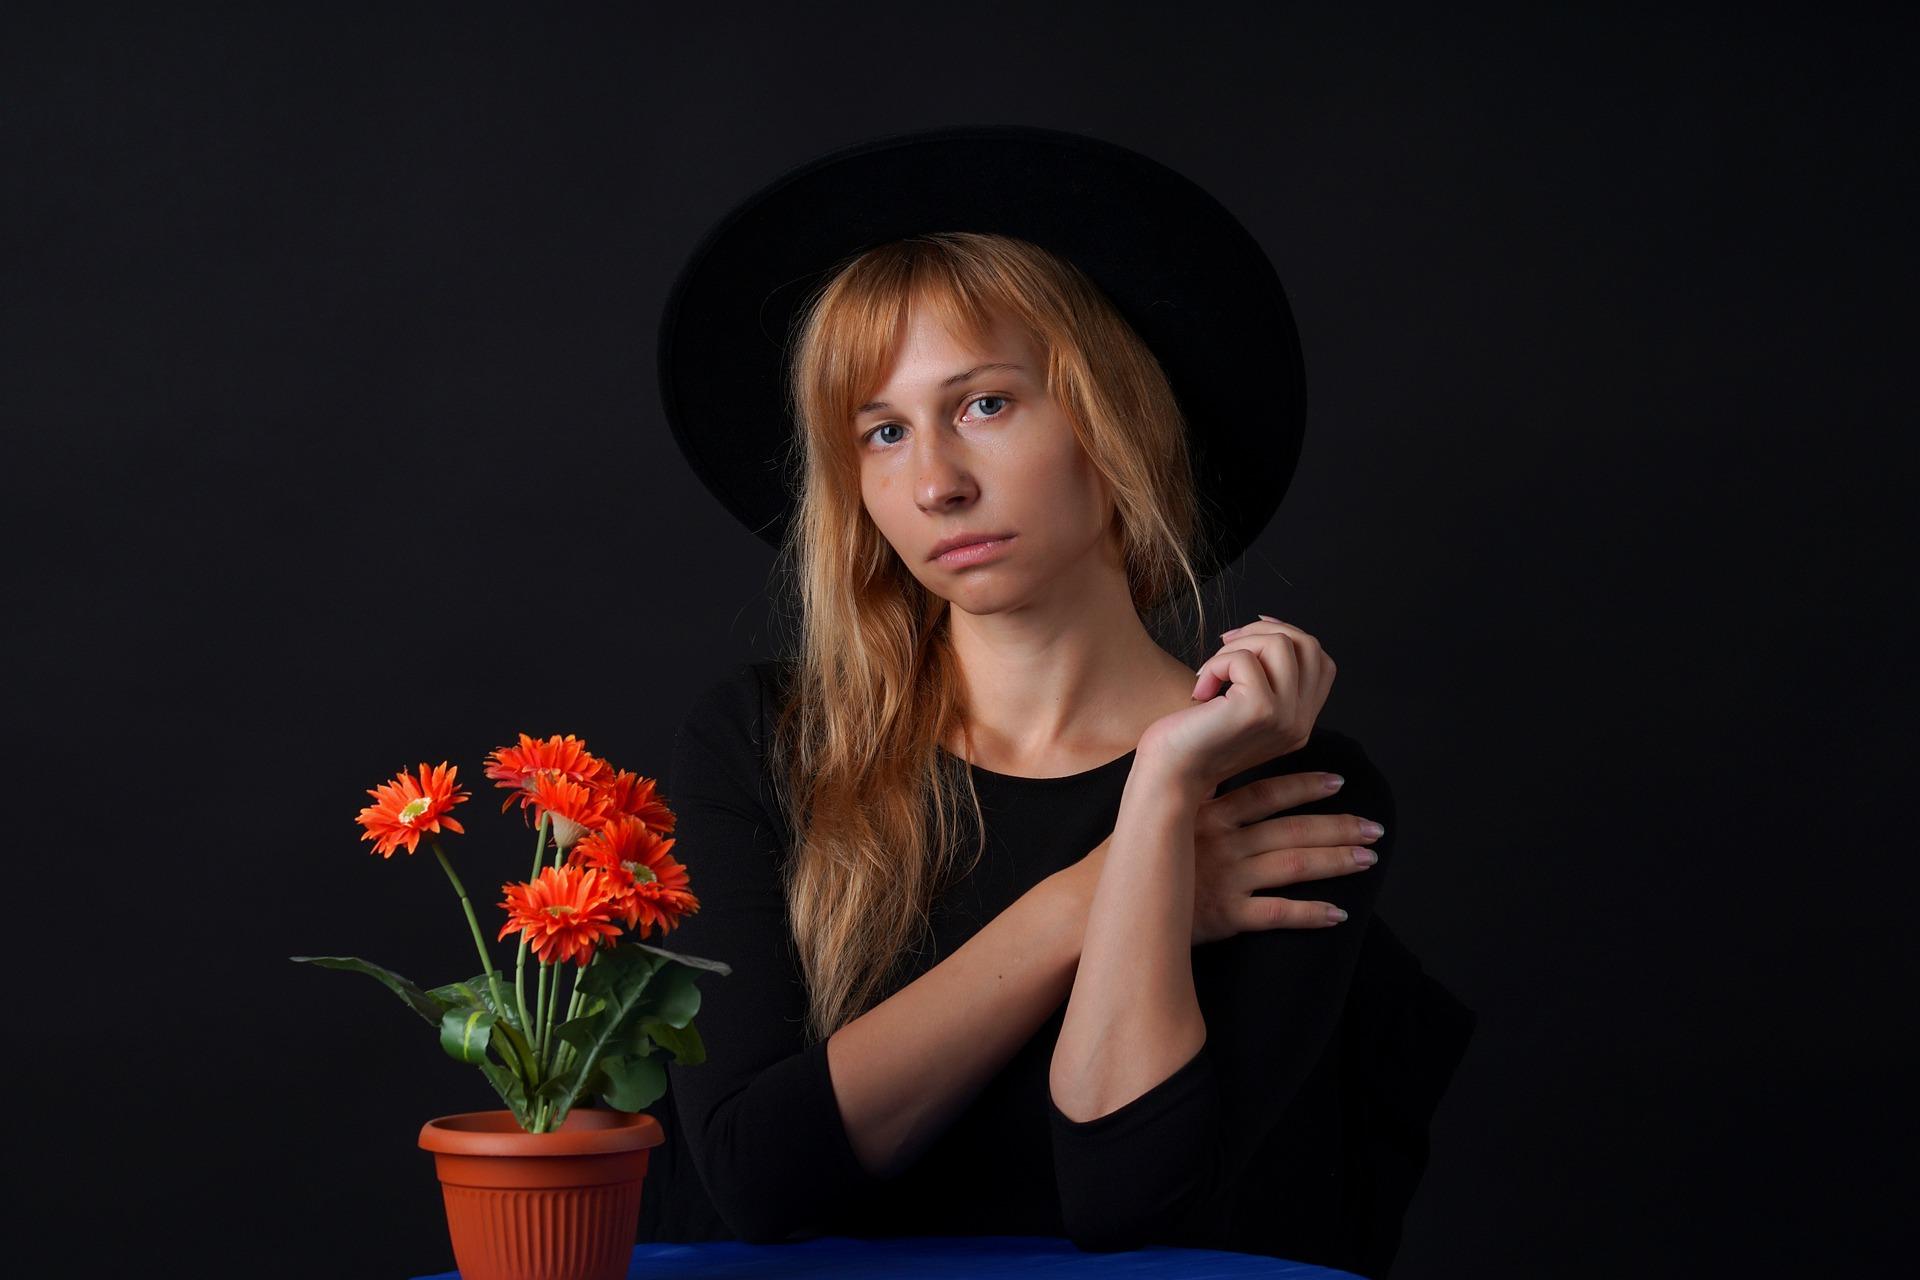 portrait-4373381_1920